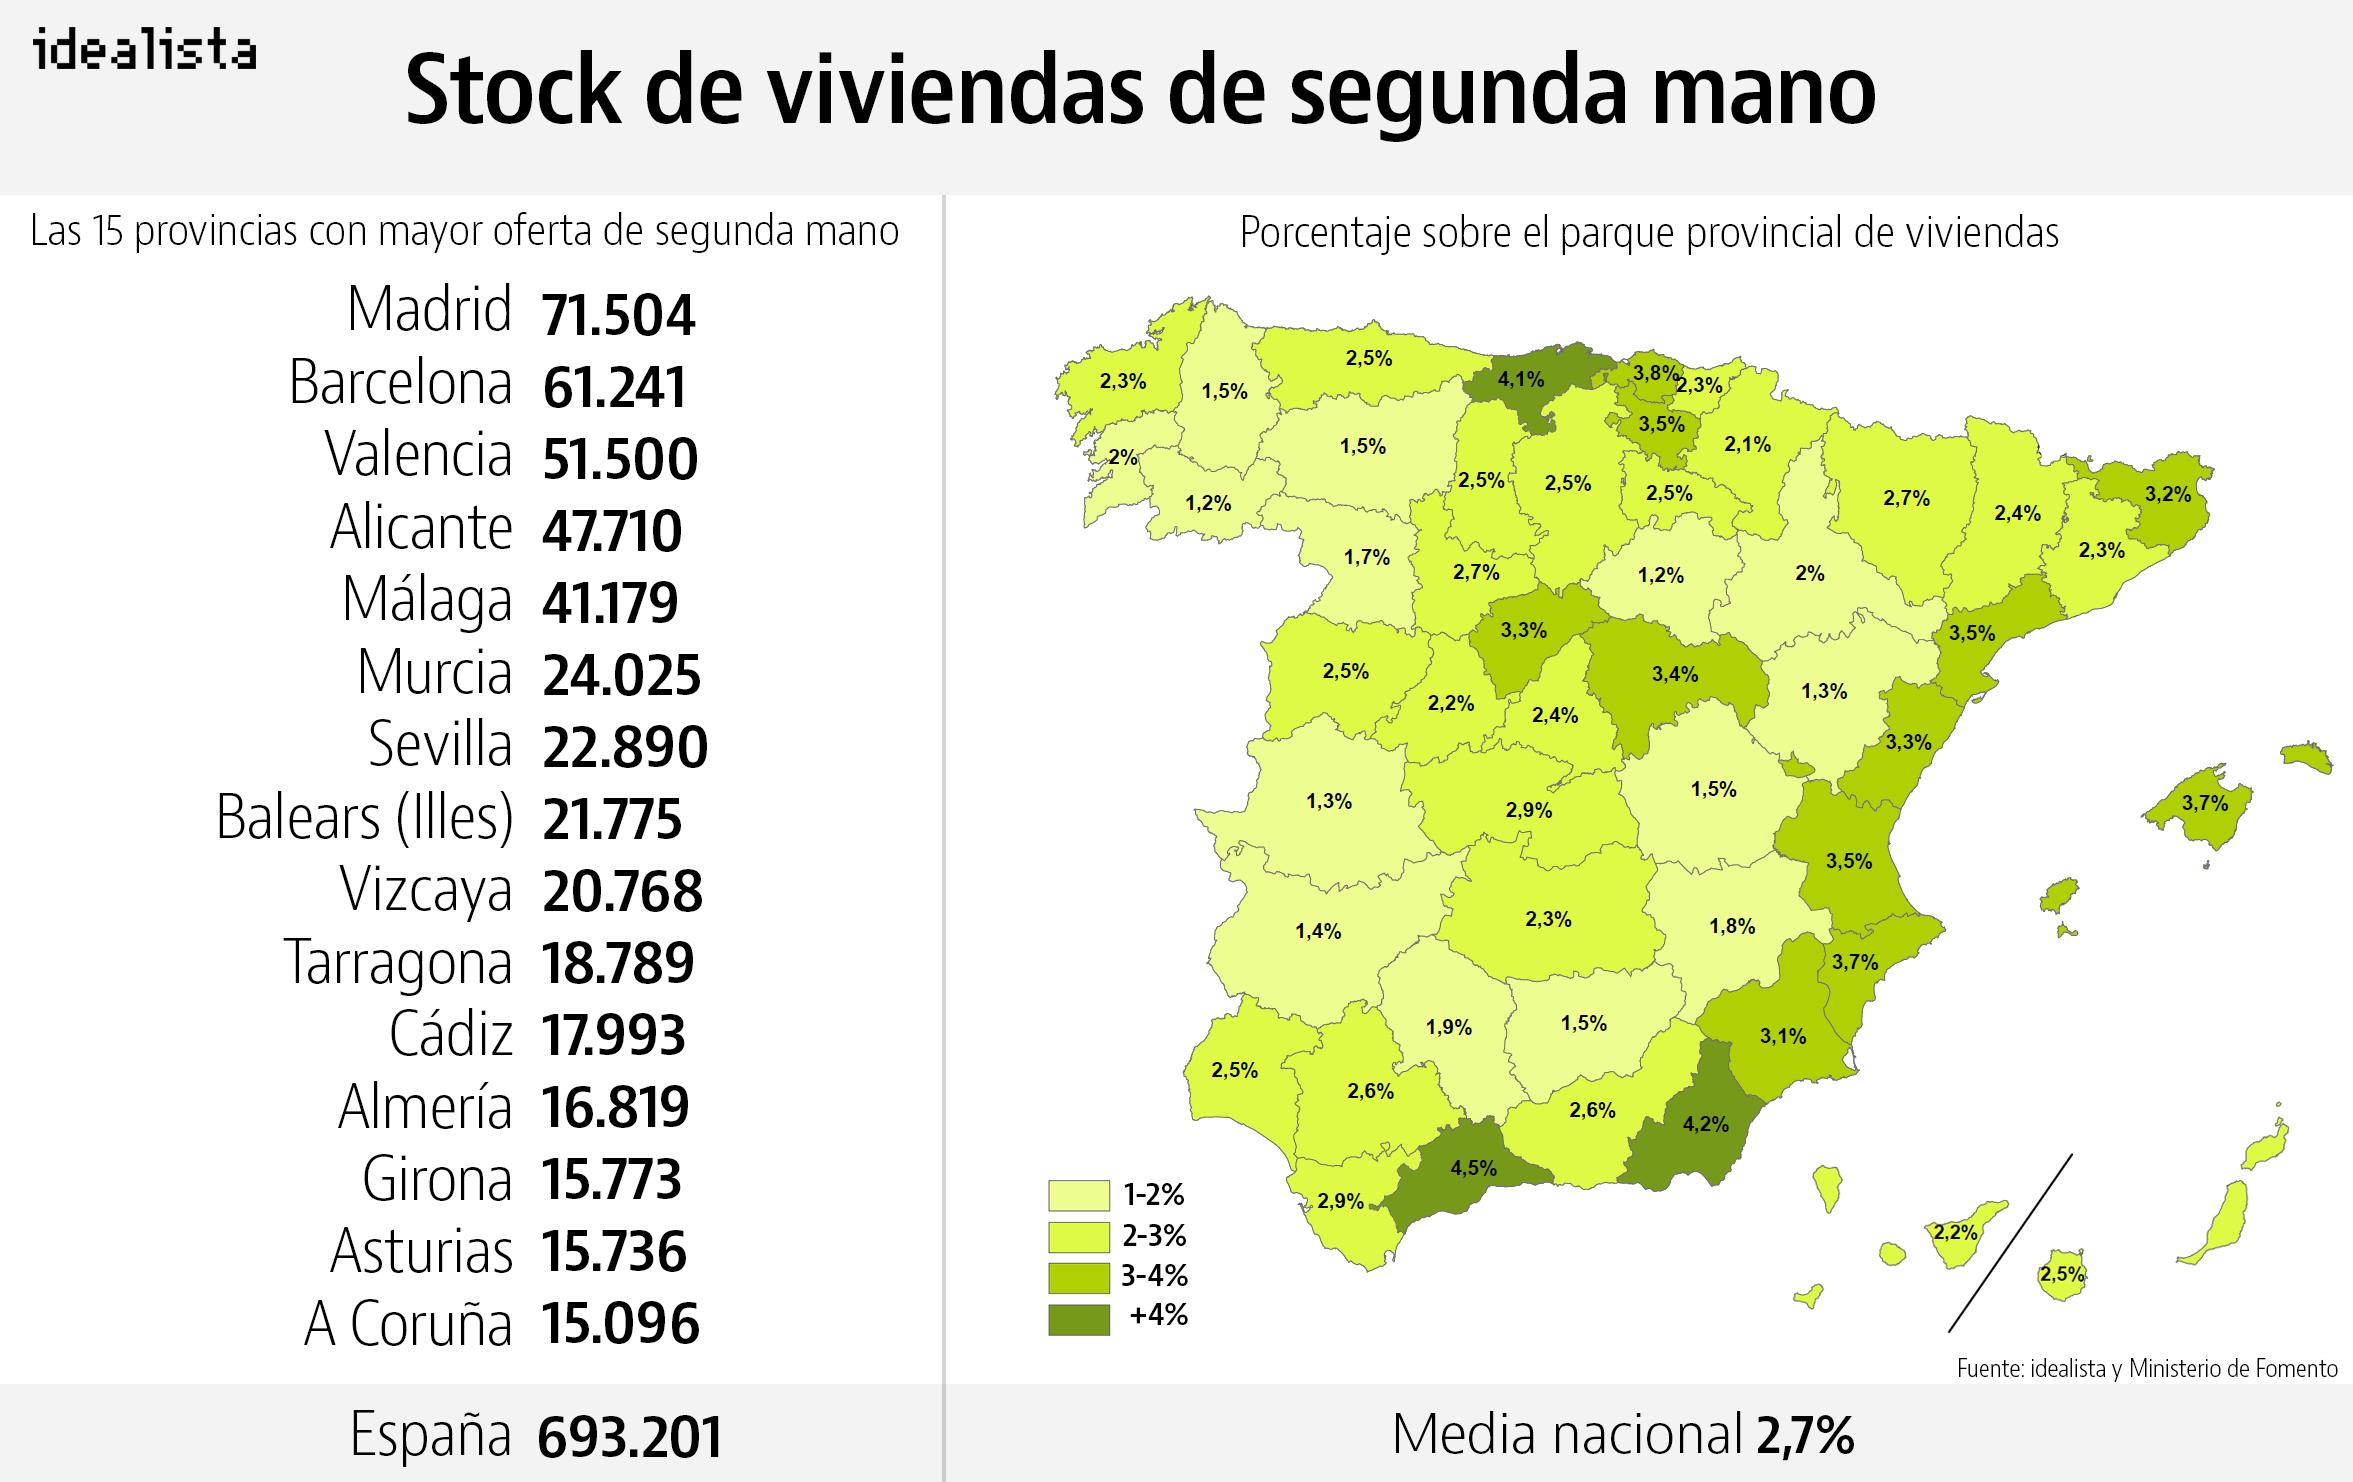 Vivienda de segunda mano idealista news for Viviendas segunda mano